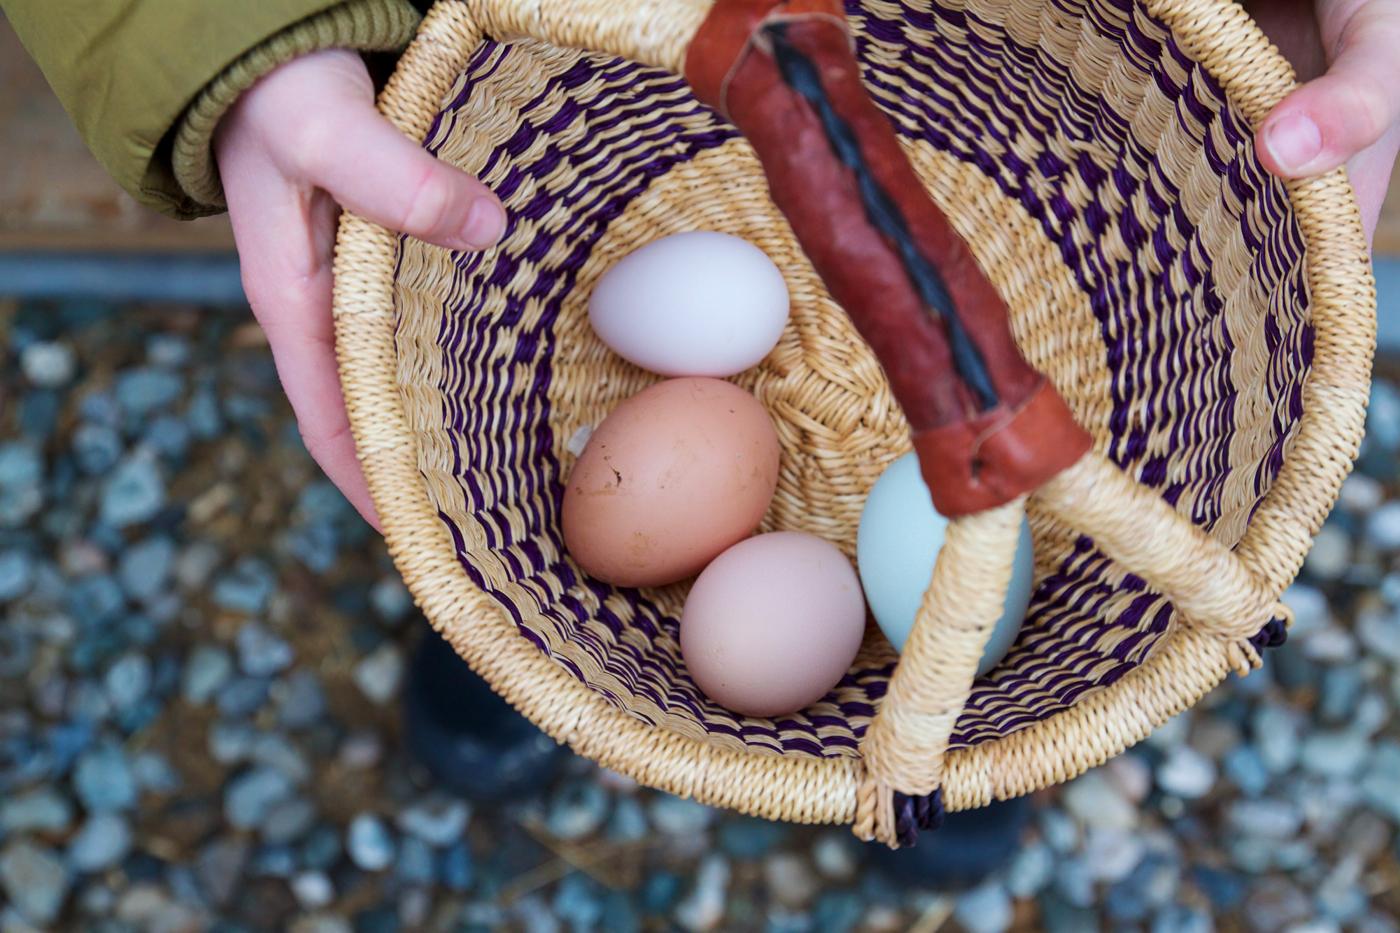 Sarah's eggs